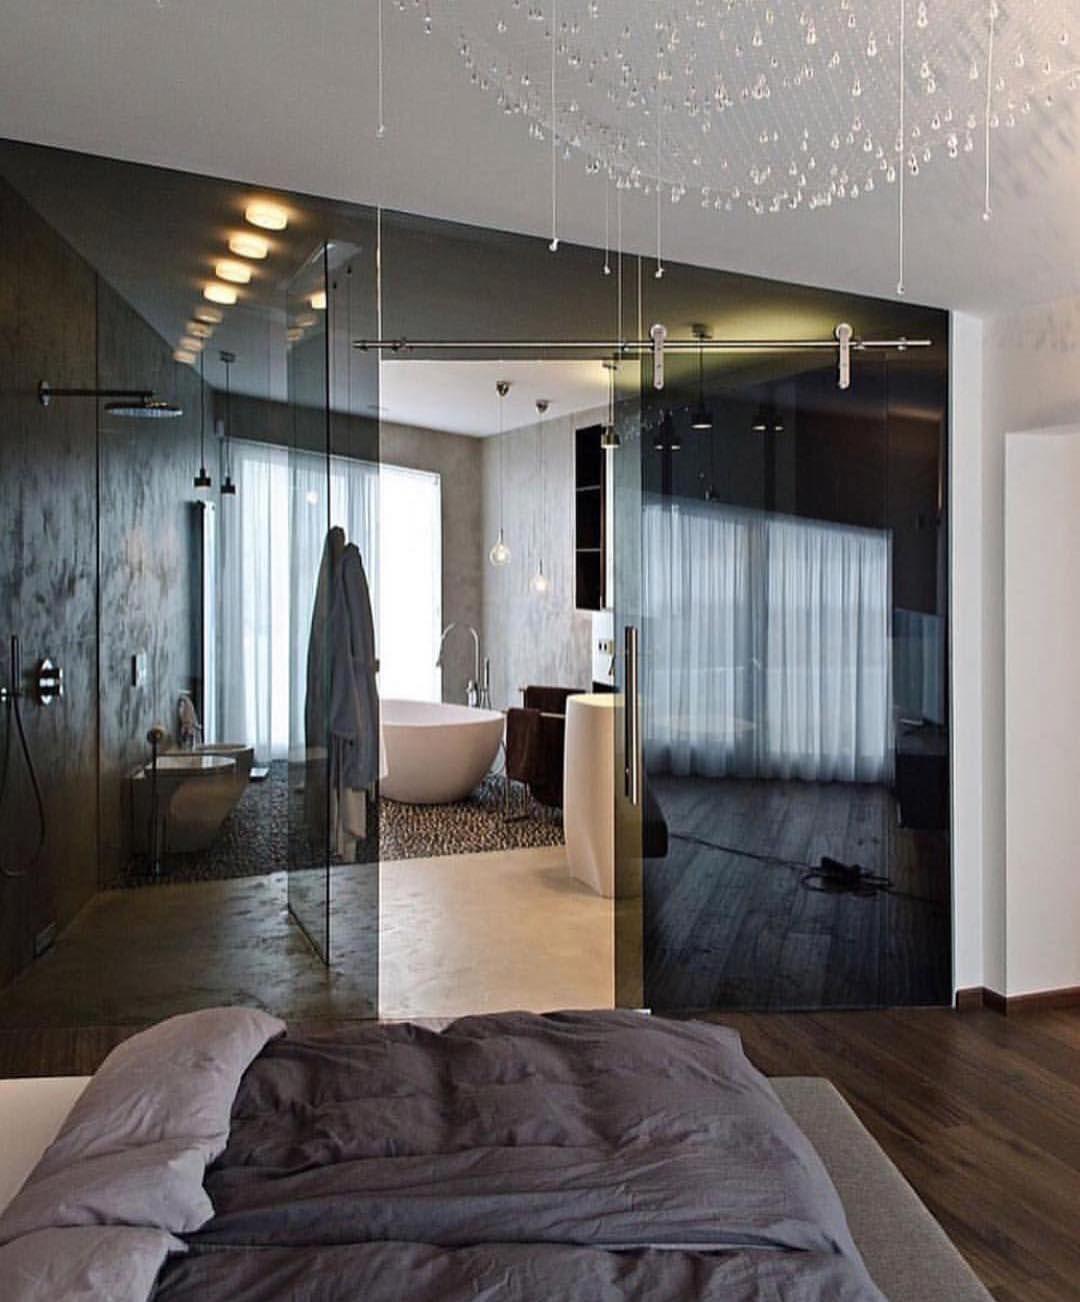 Best Furniture Company In Indonesia Interior Design Colleges Home Decor Best Interior Design